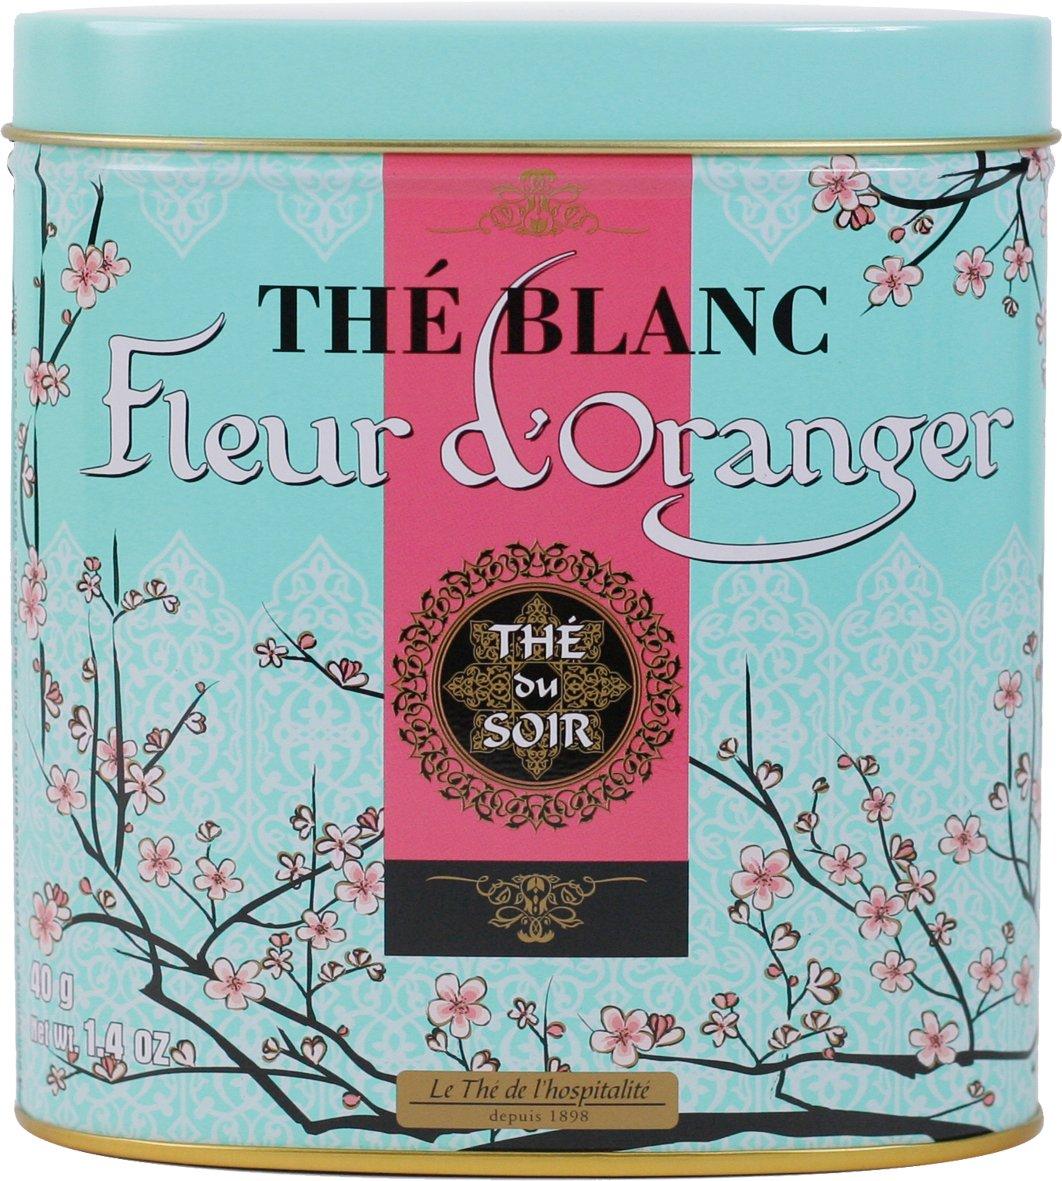 Terre-dOc-Weier-Bio-Bai-Mu-Dan-Tee-mit-Aromen-von-Orangenblten-Th-blanc-fleur-doranger-in-dekorativer-Metalldose-40-g